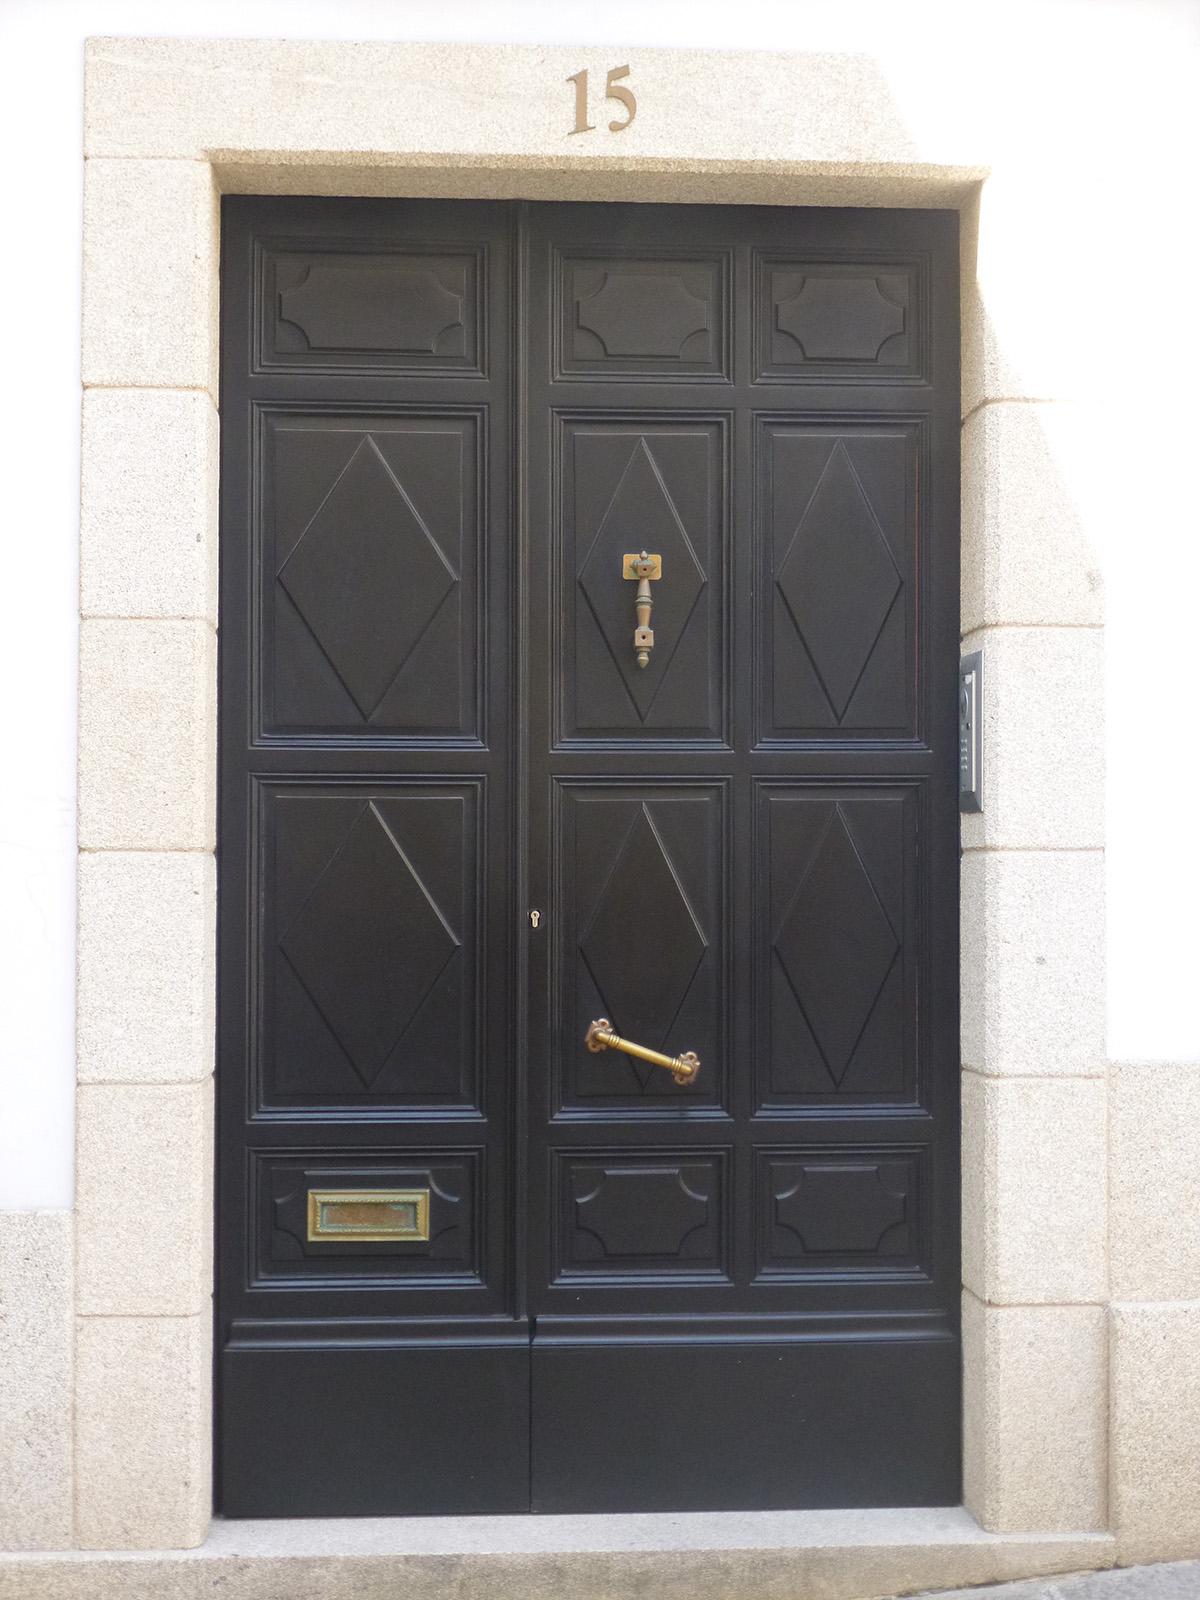 Puertas de entrada en madera entrada puerta tire del asa for Puertas de entrada de madera modernas